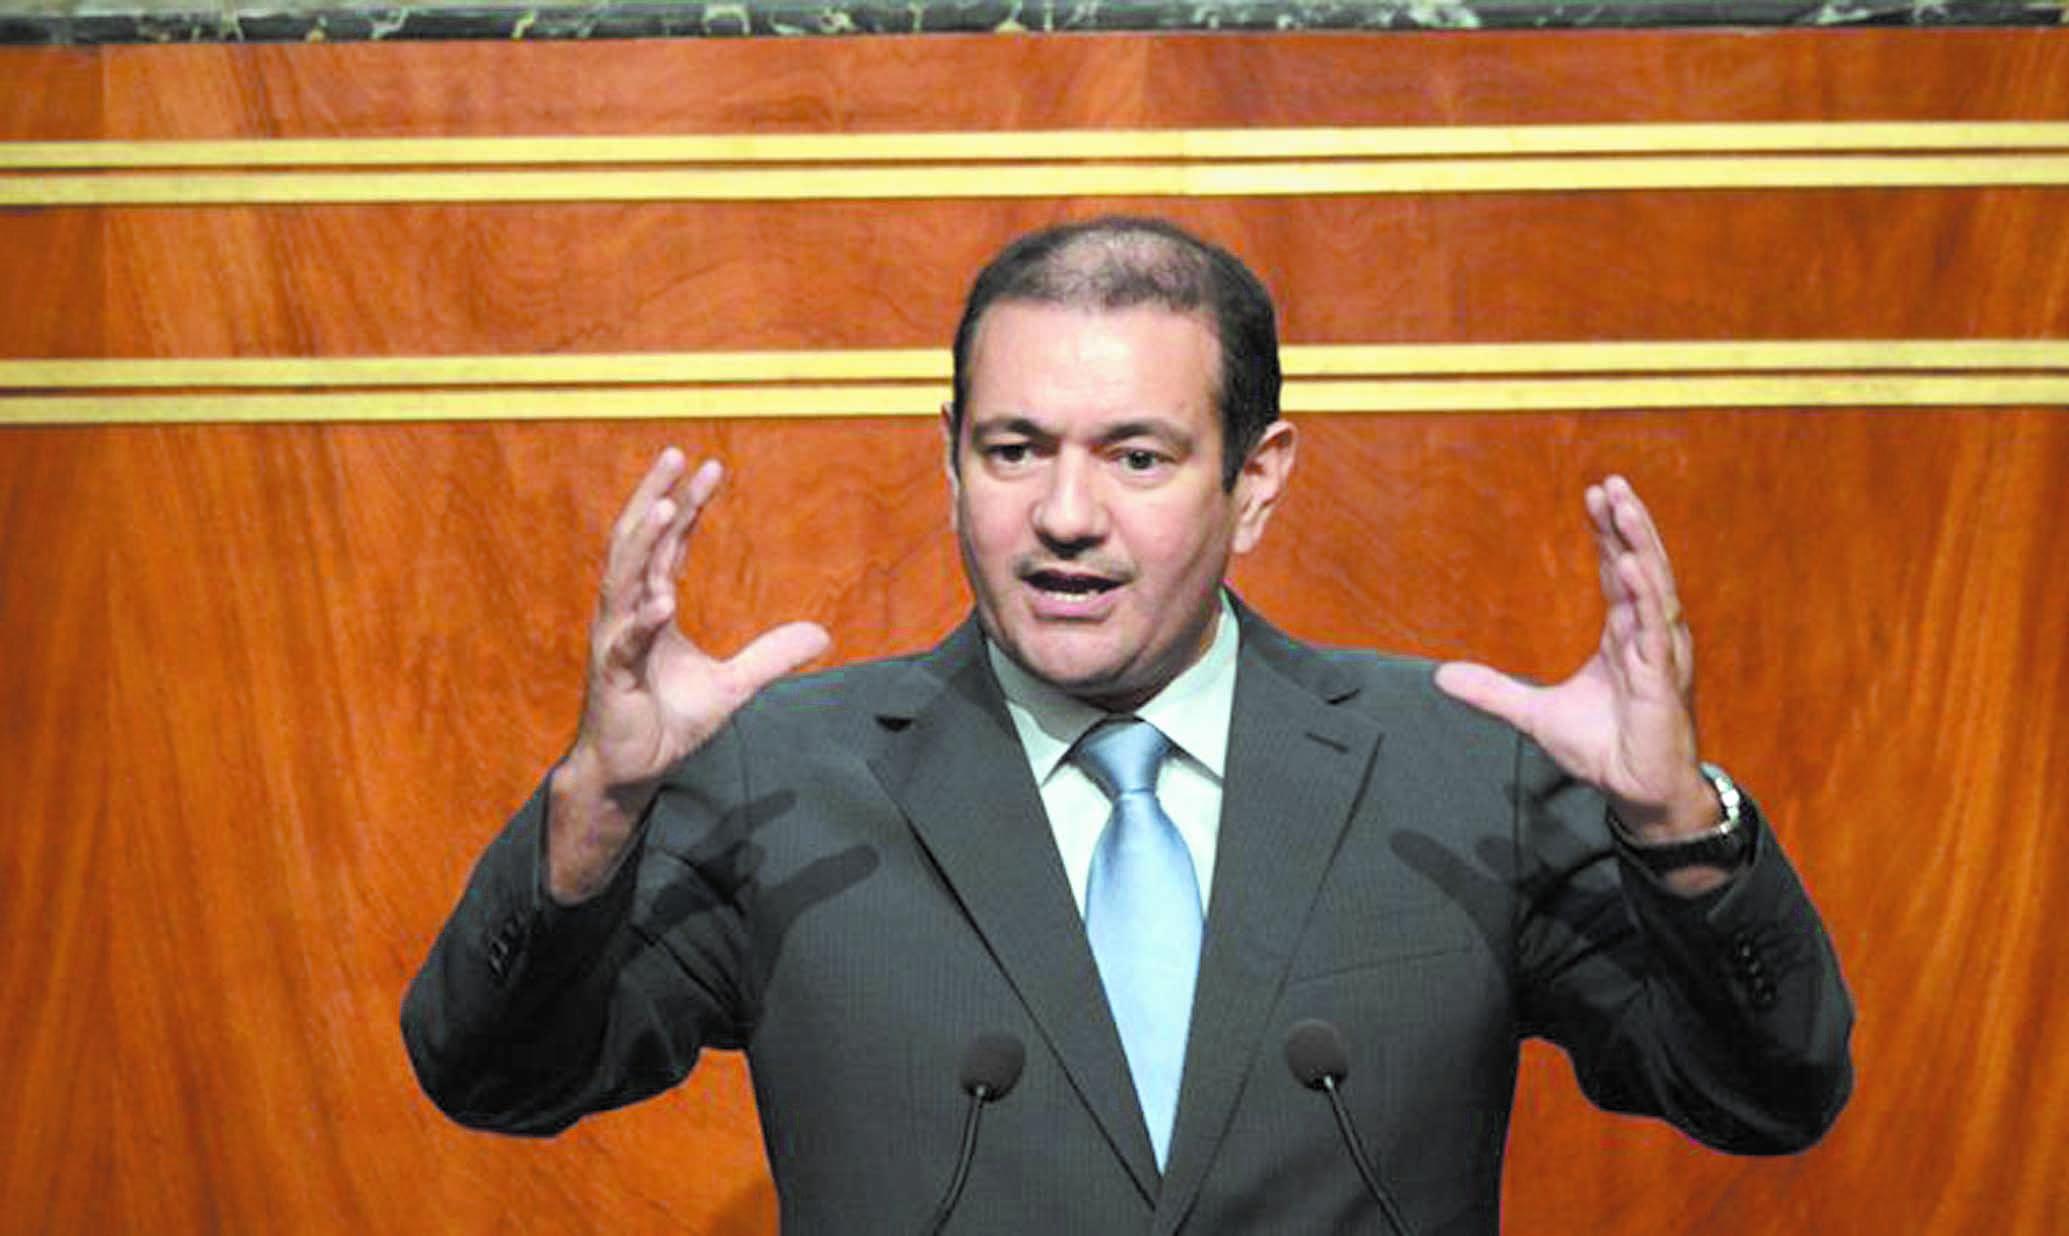 Mohamed Alami : L'objectif premier  du Maroc est de développer ses provinces sahariennes sur tous les plans